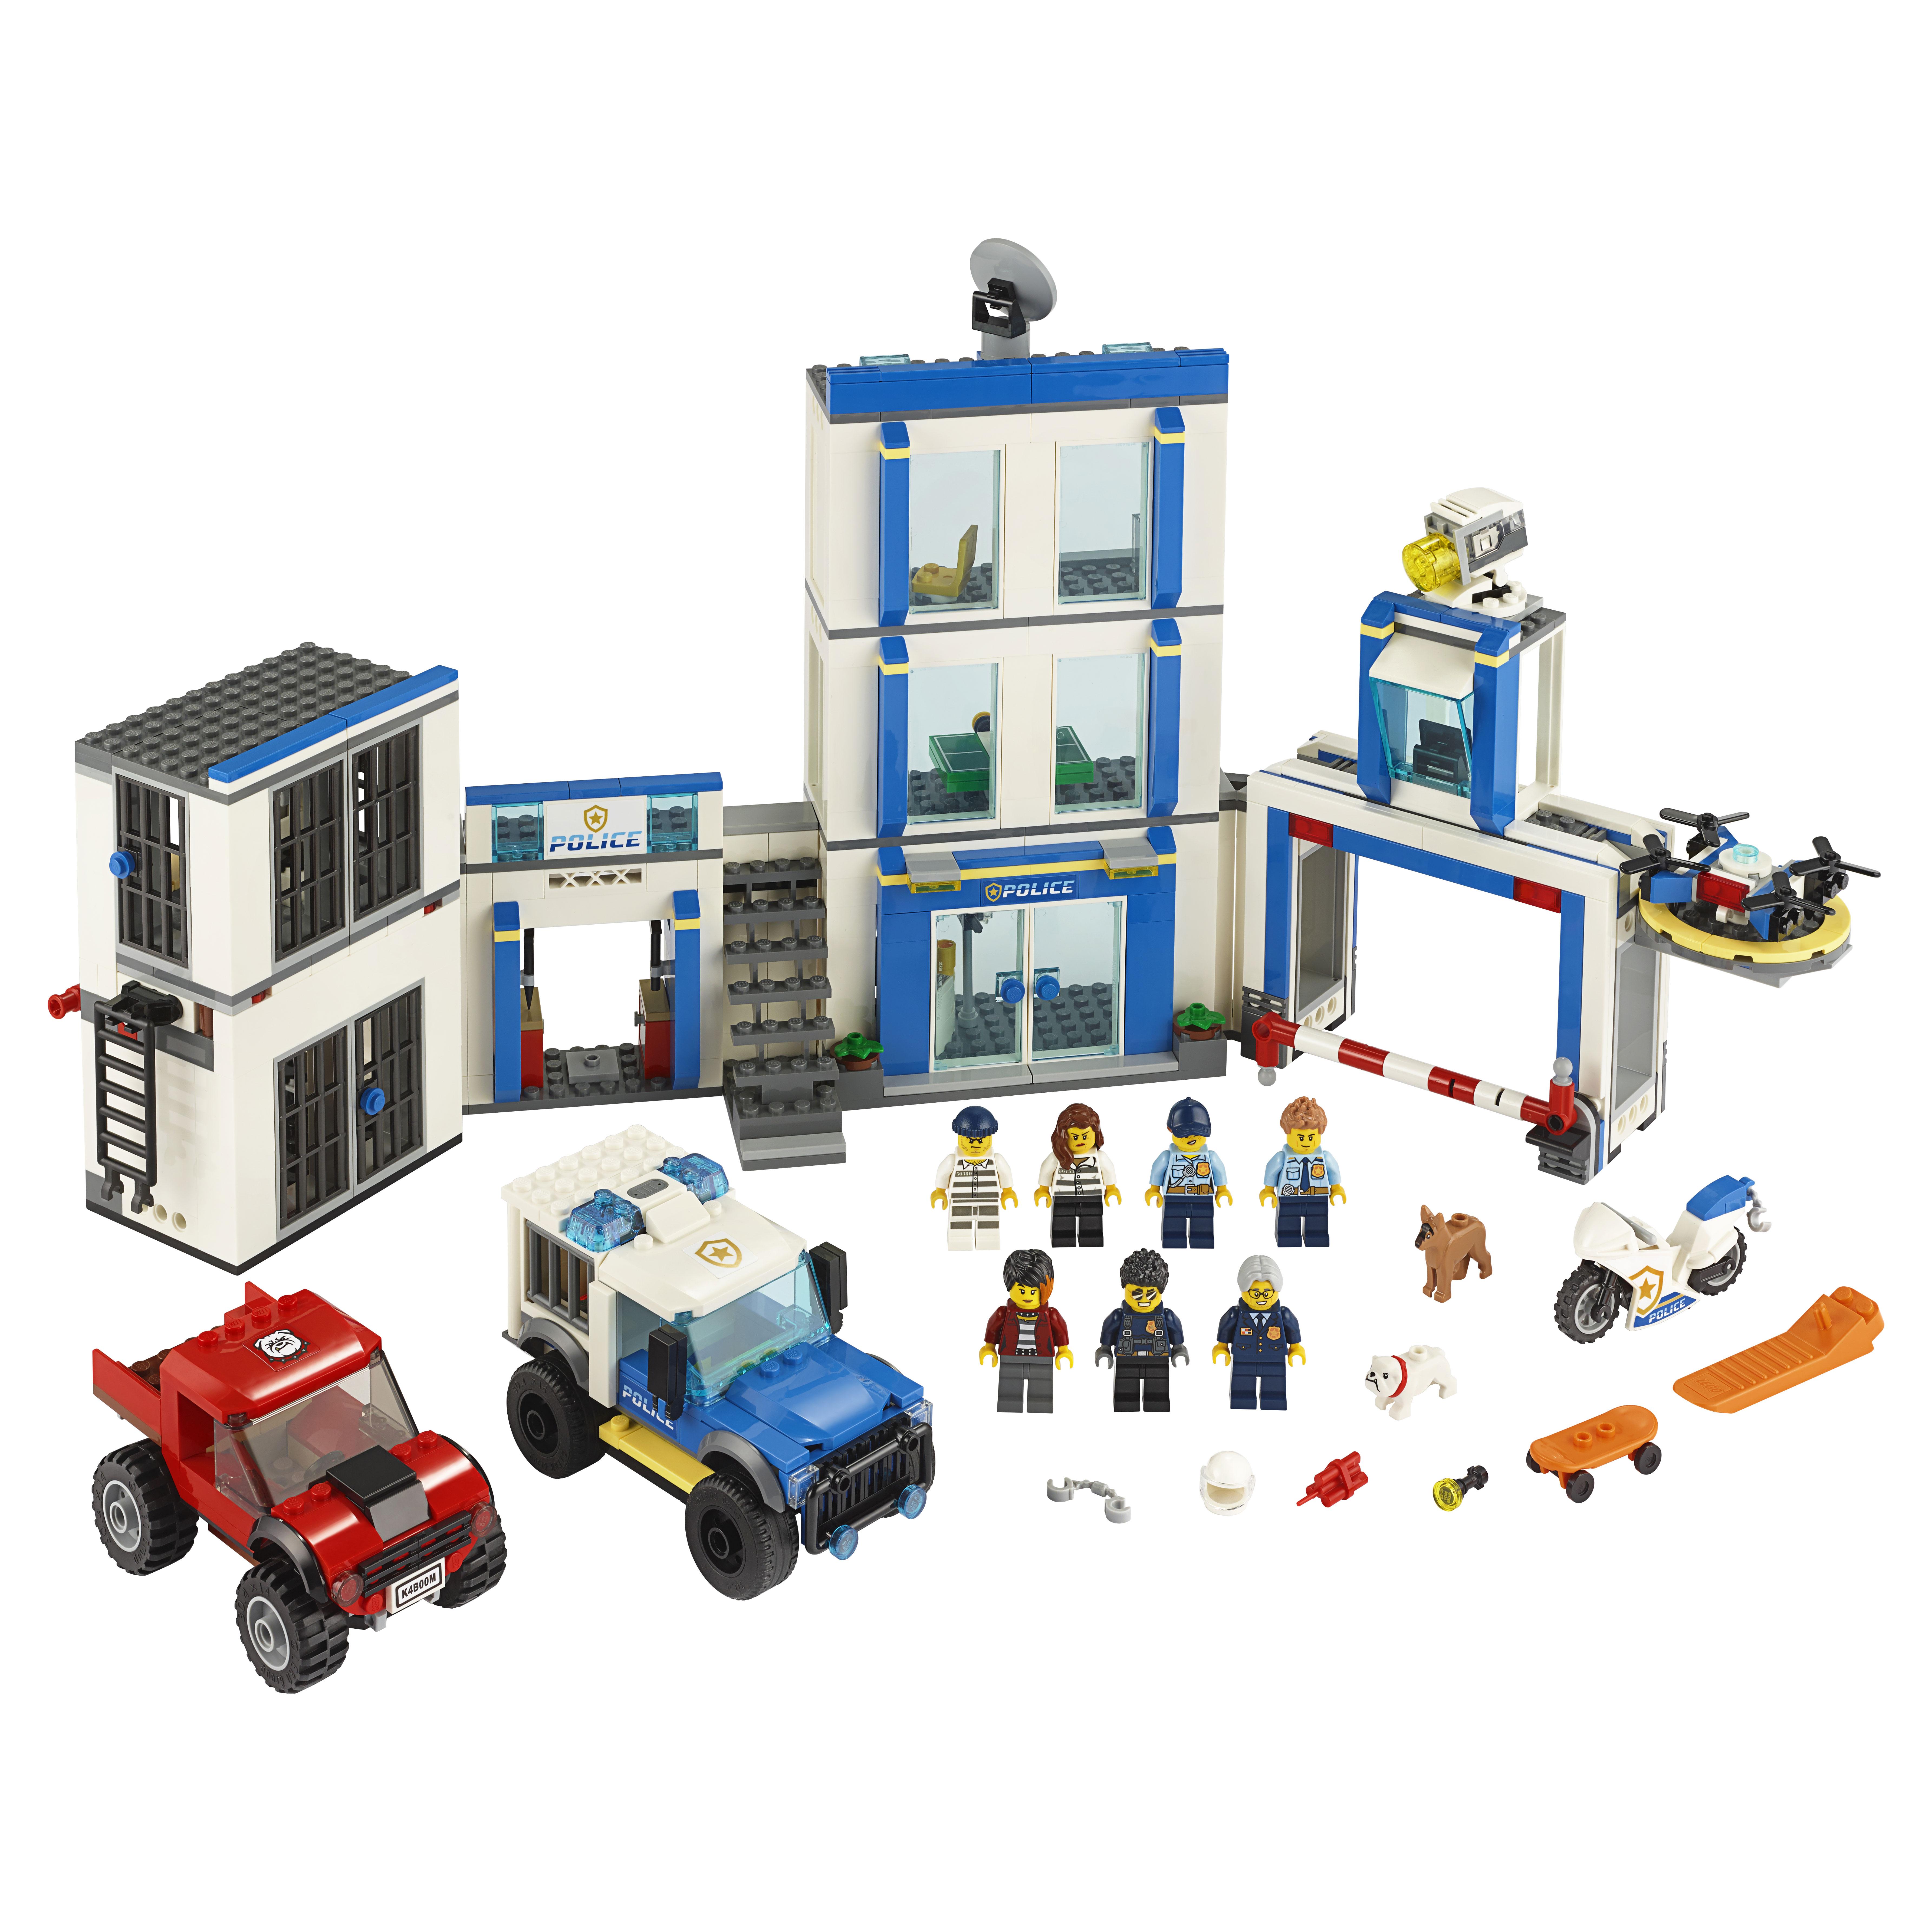 Купить Конструктор LEGO City Police 60246 Полицейский участок,